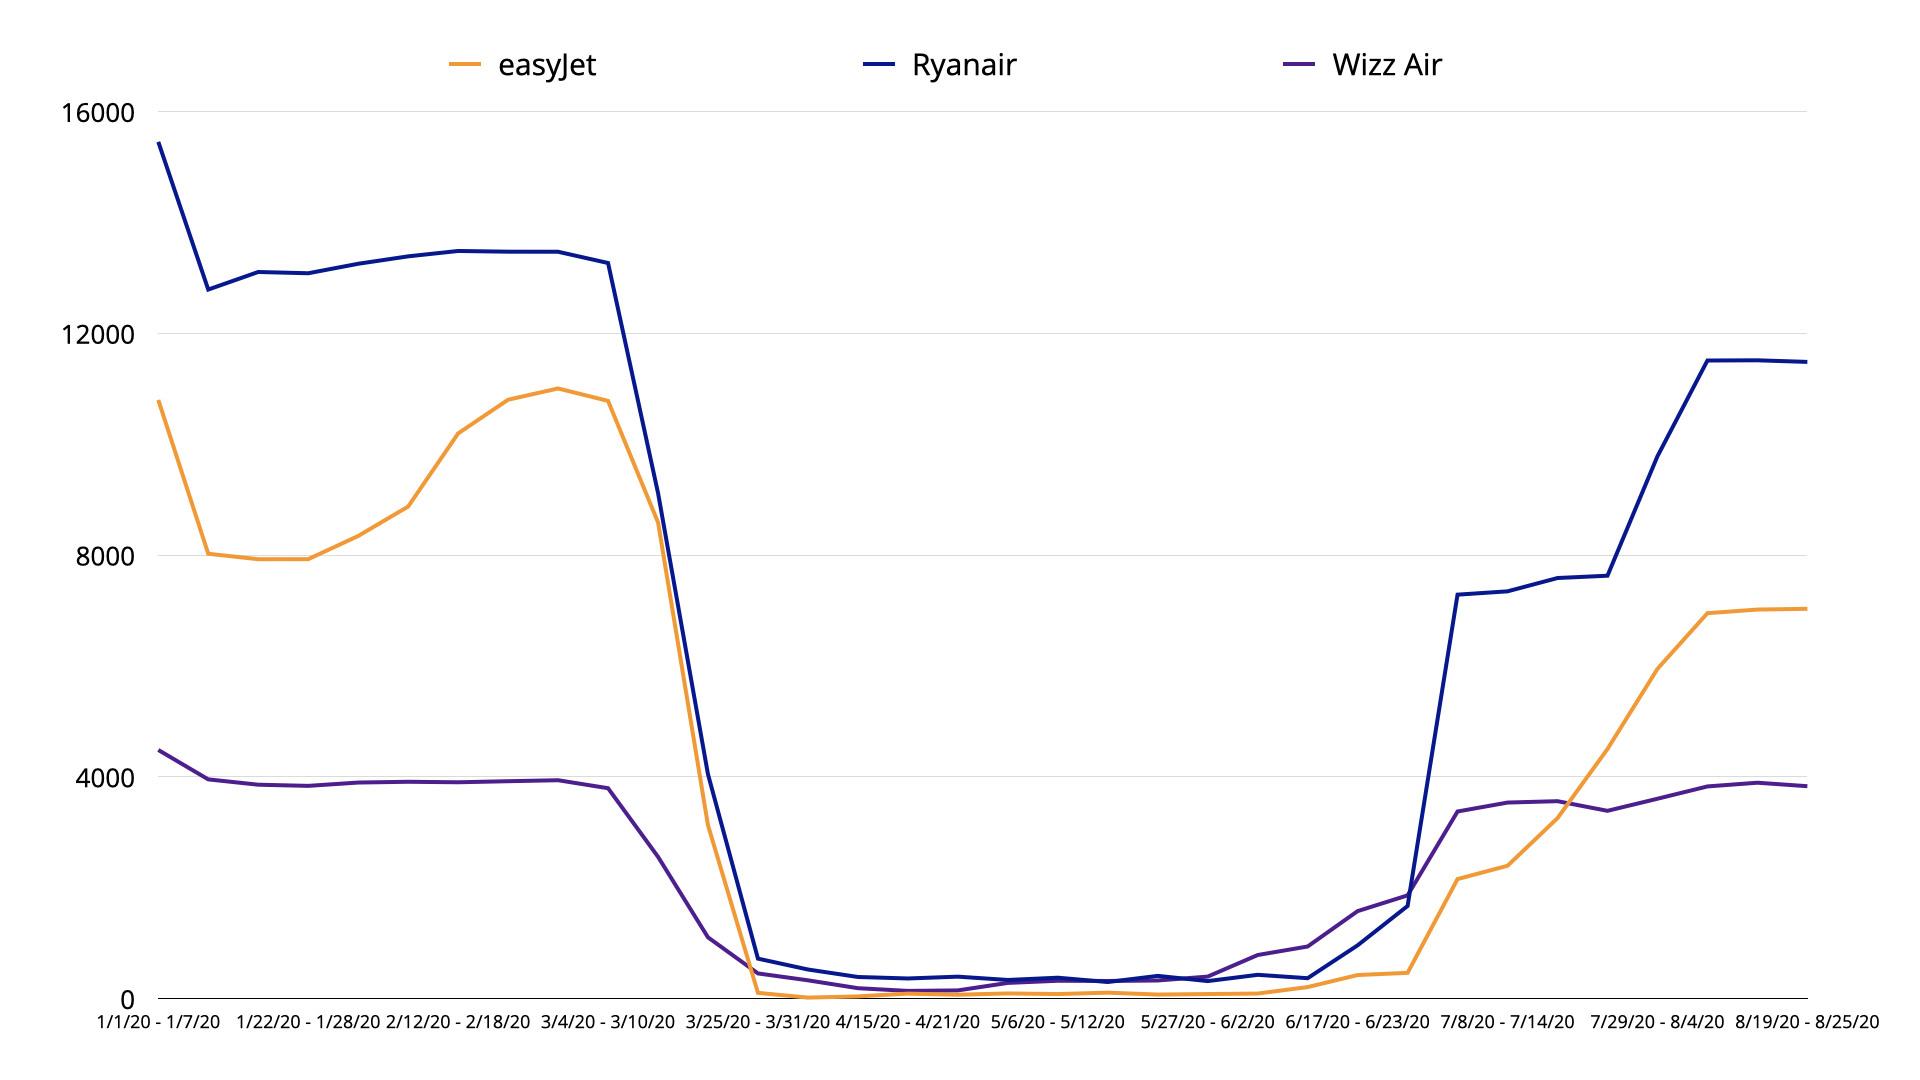 easyJet-Ryanair-Wizz Air flights in2020